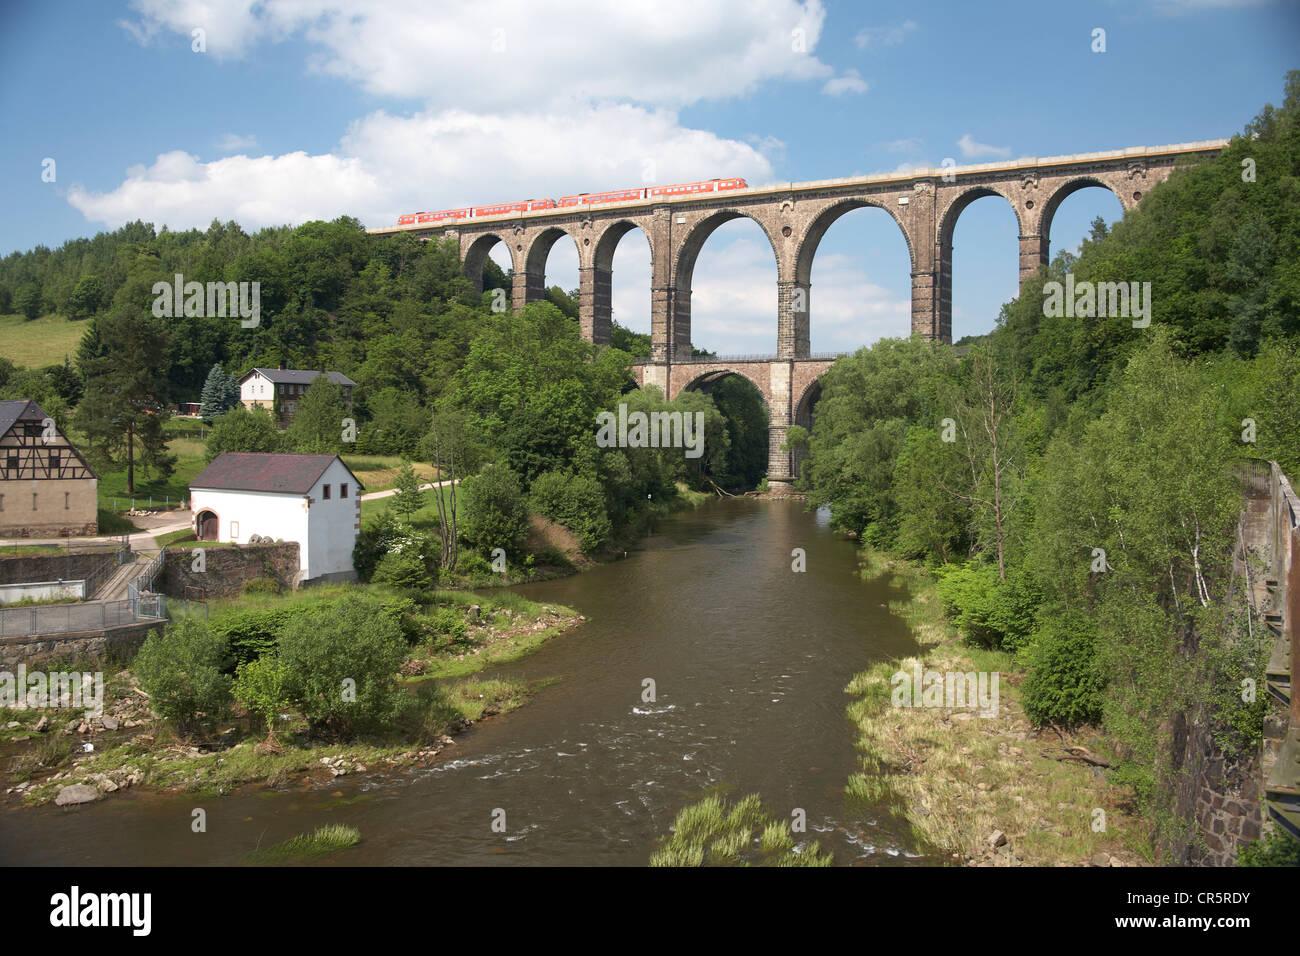 Viadukt Göhren mit Regionalzug, Brücke über die Zwickauer Mulde Fluss in Rochlitz, Sachsen, Deutschland, Stockbild